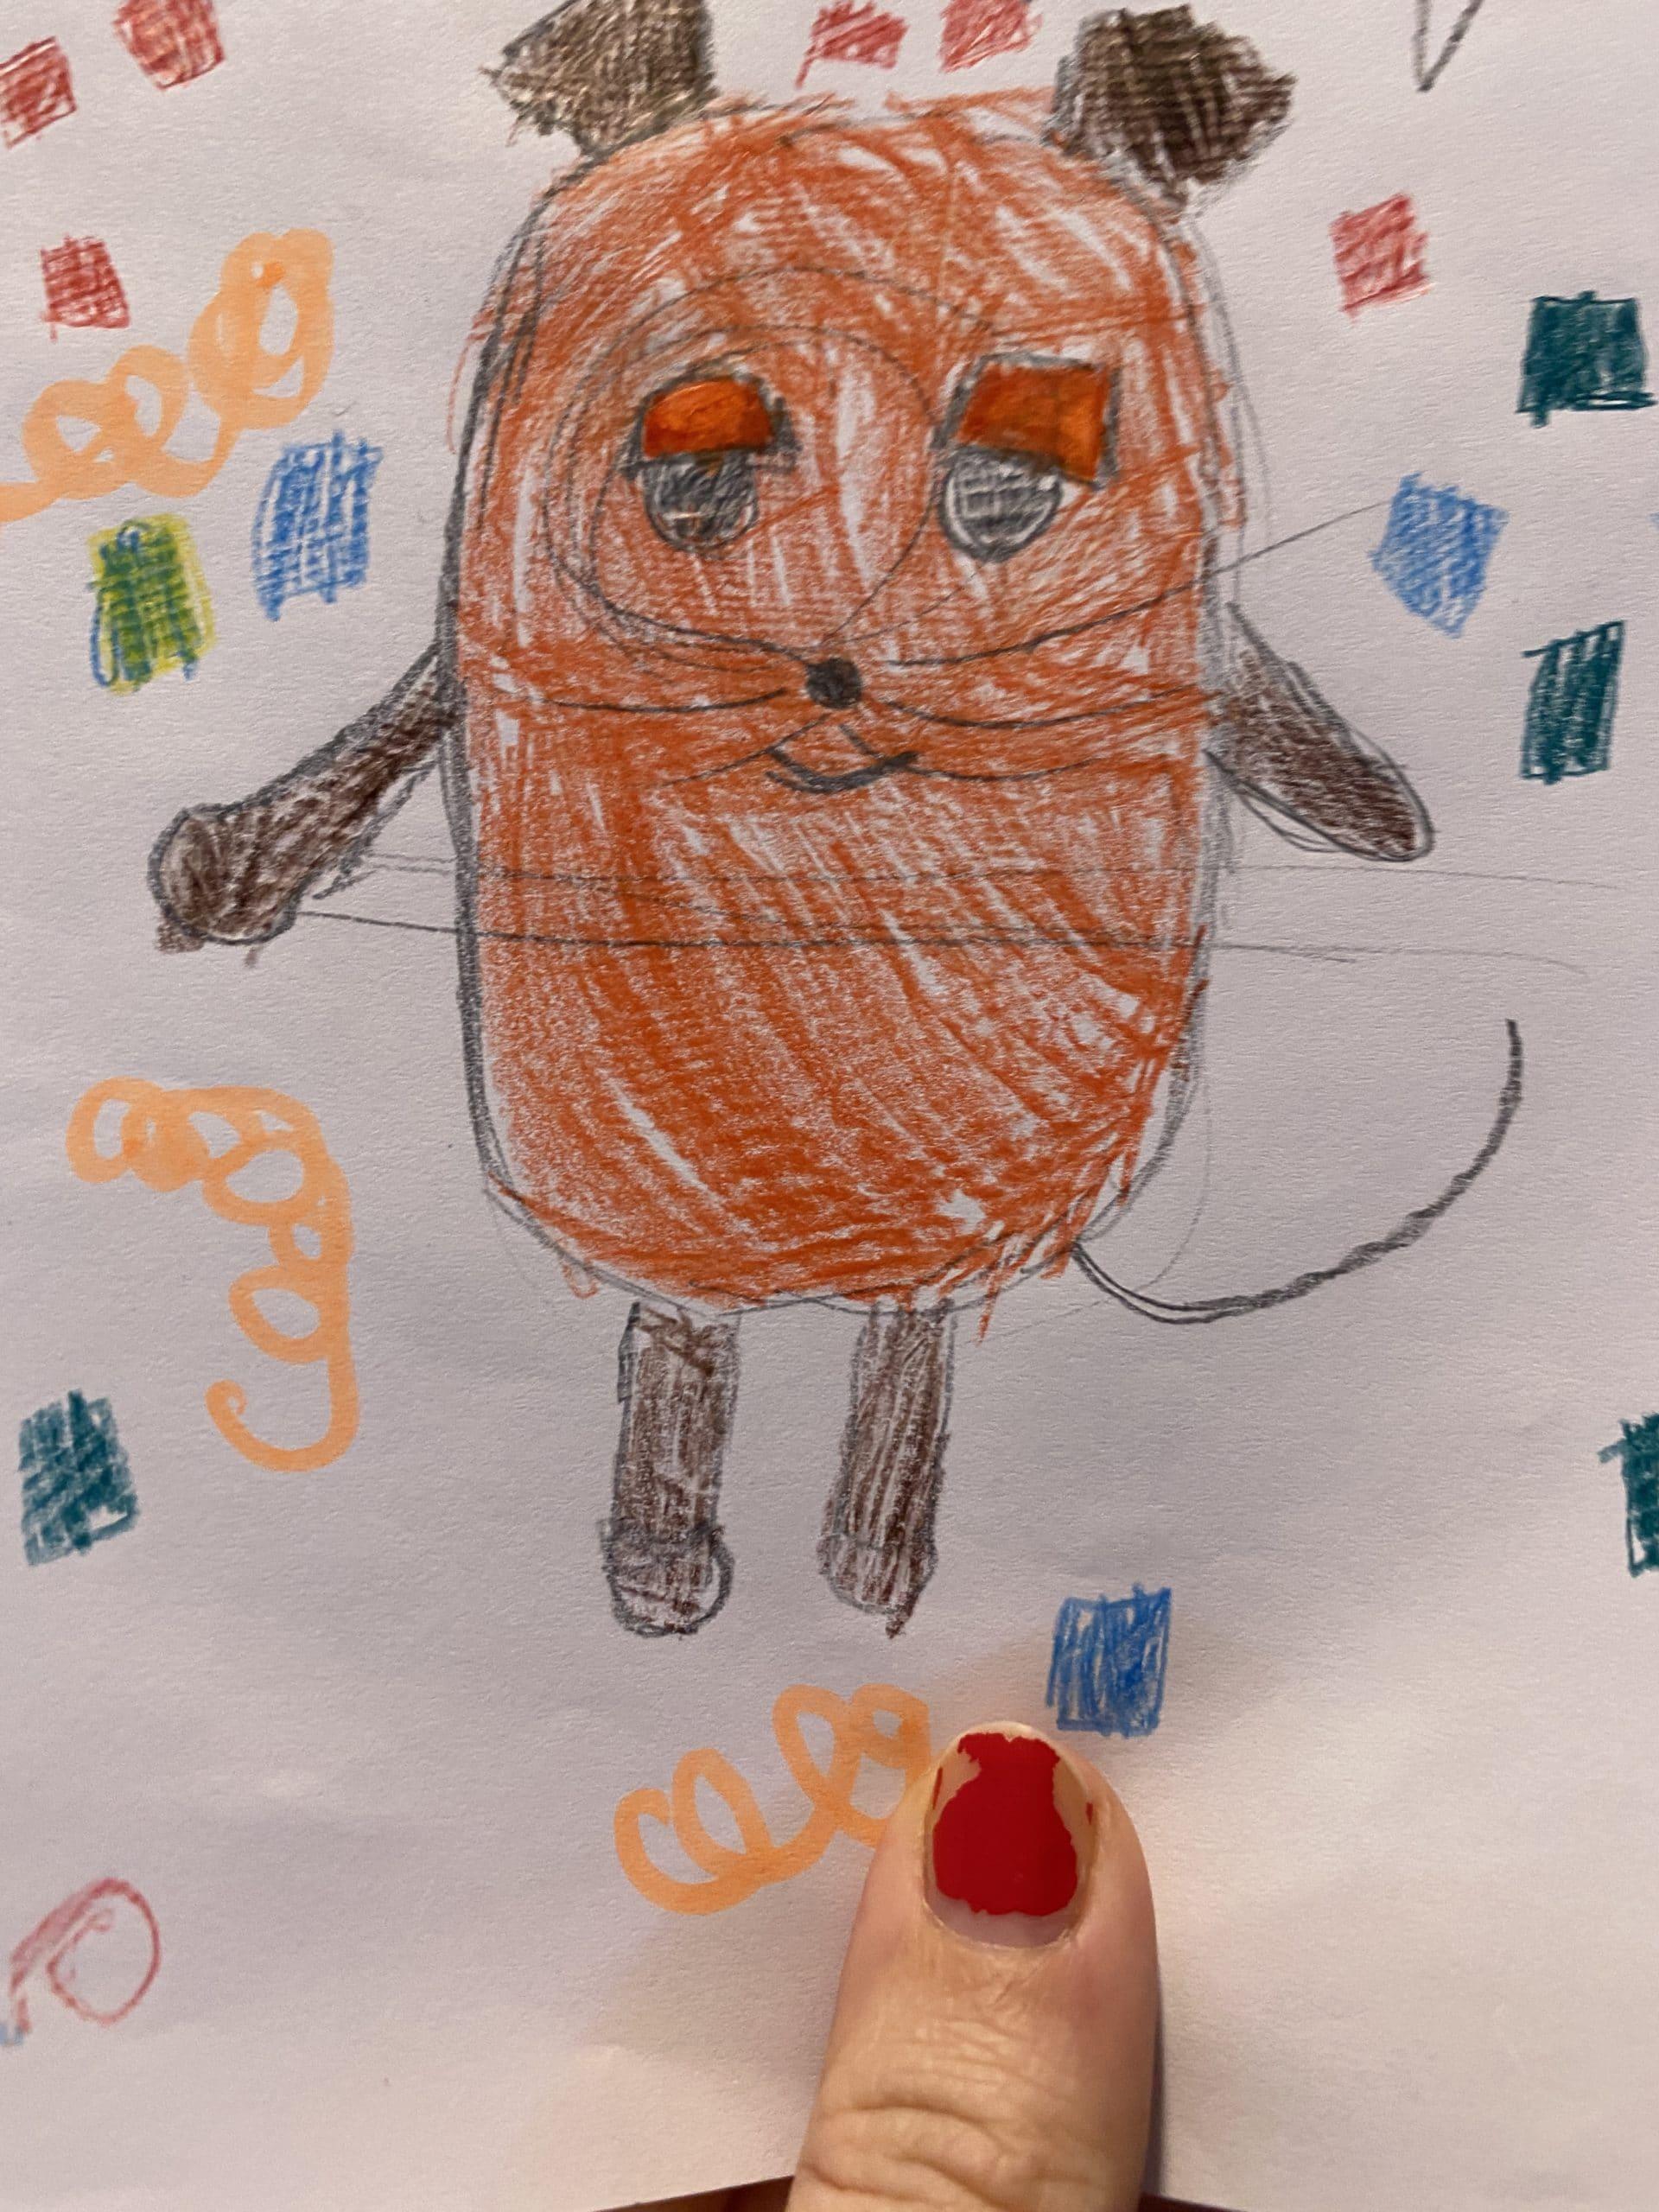 Gemeinsam feiern wir und das kleine Kind zeichnet Maus und Konfetti (Vorzeichnung von K1)